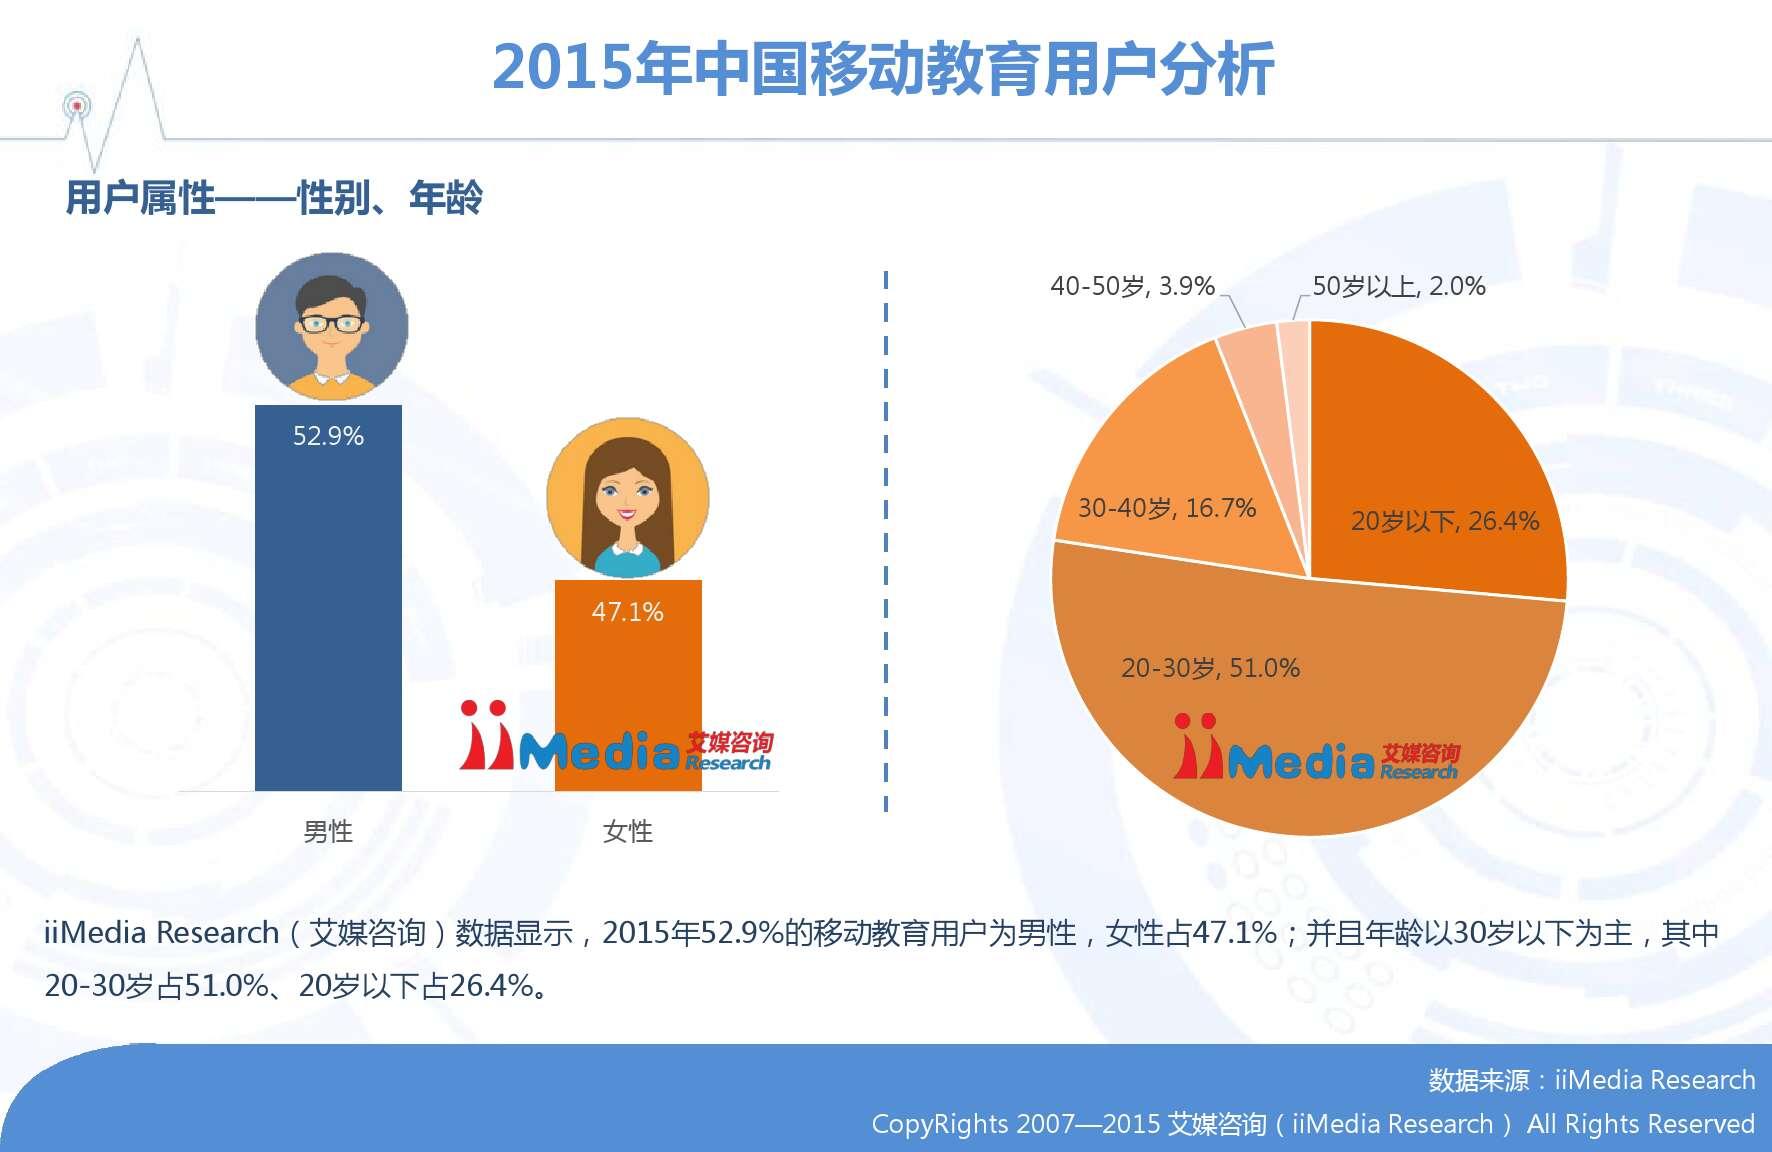 2015-2016年中国移动教育市场研究报告_000015